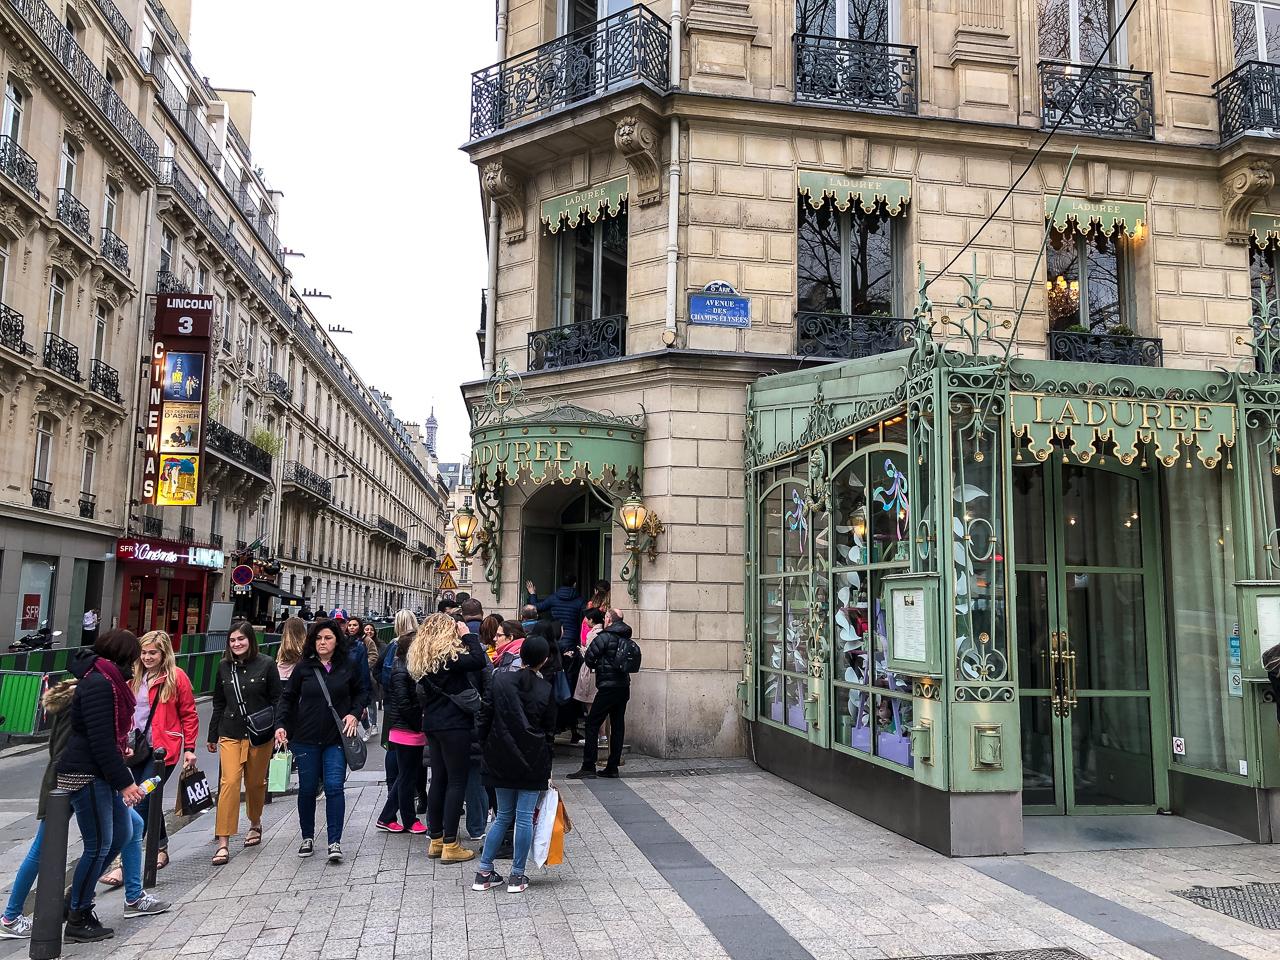 Maison Ladurée, Paris, Champs-Élysées